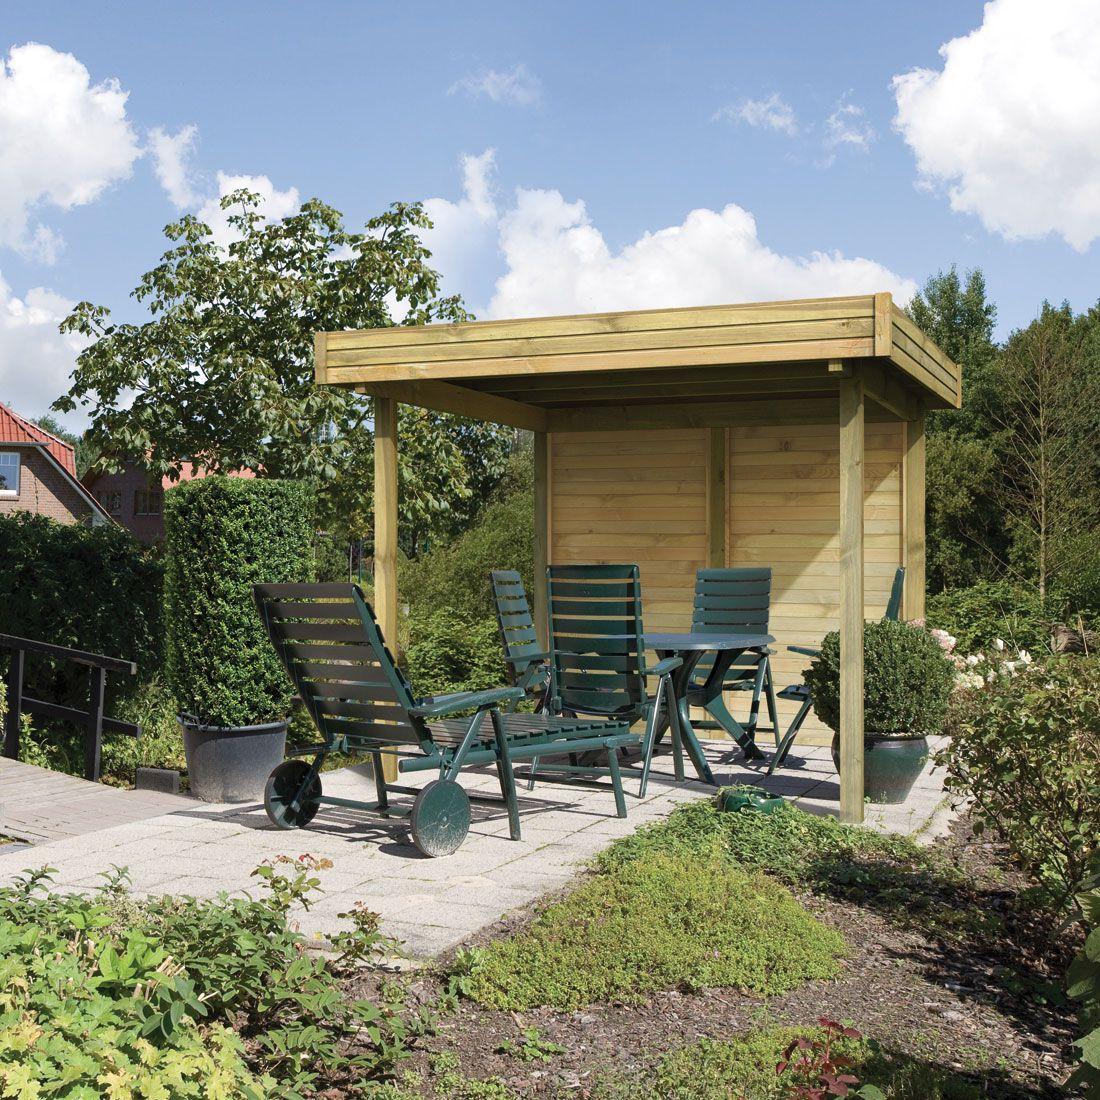 Pavillon Toit Plat 5 95m Toit Plat Pavillon Et Abris De Jardin # Abris De Jardin Bilbao